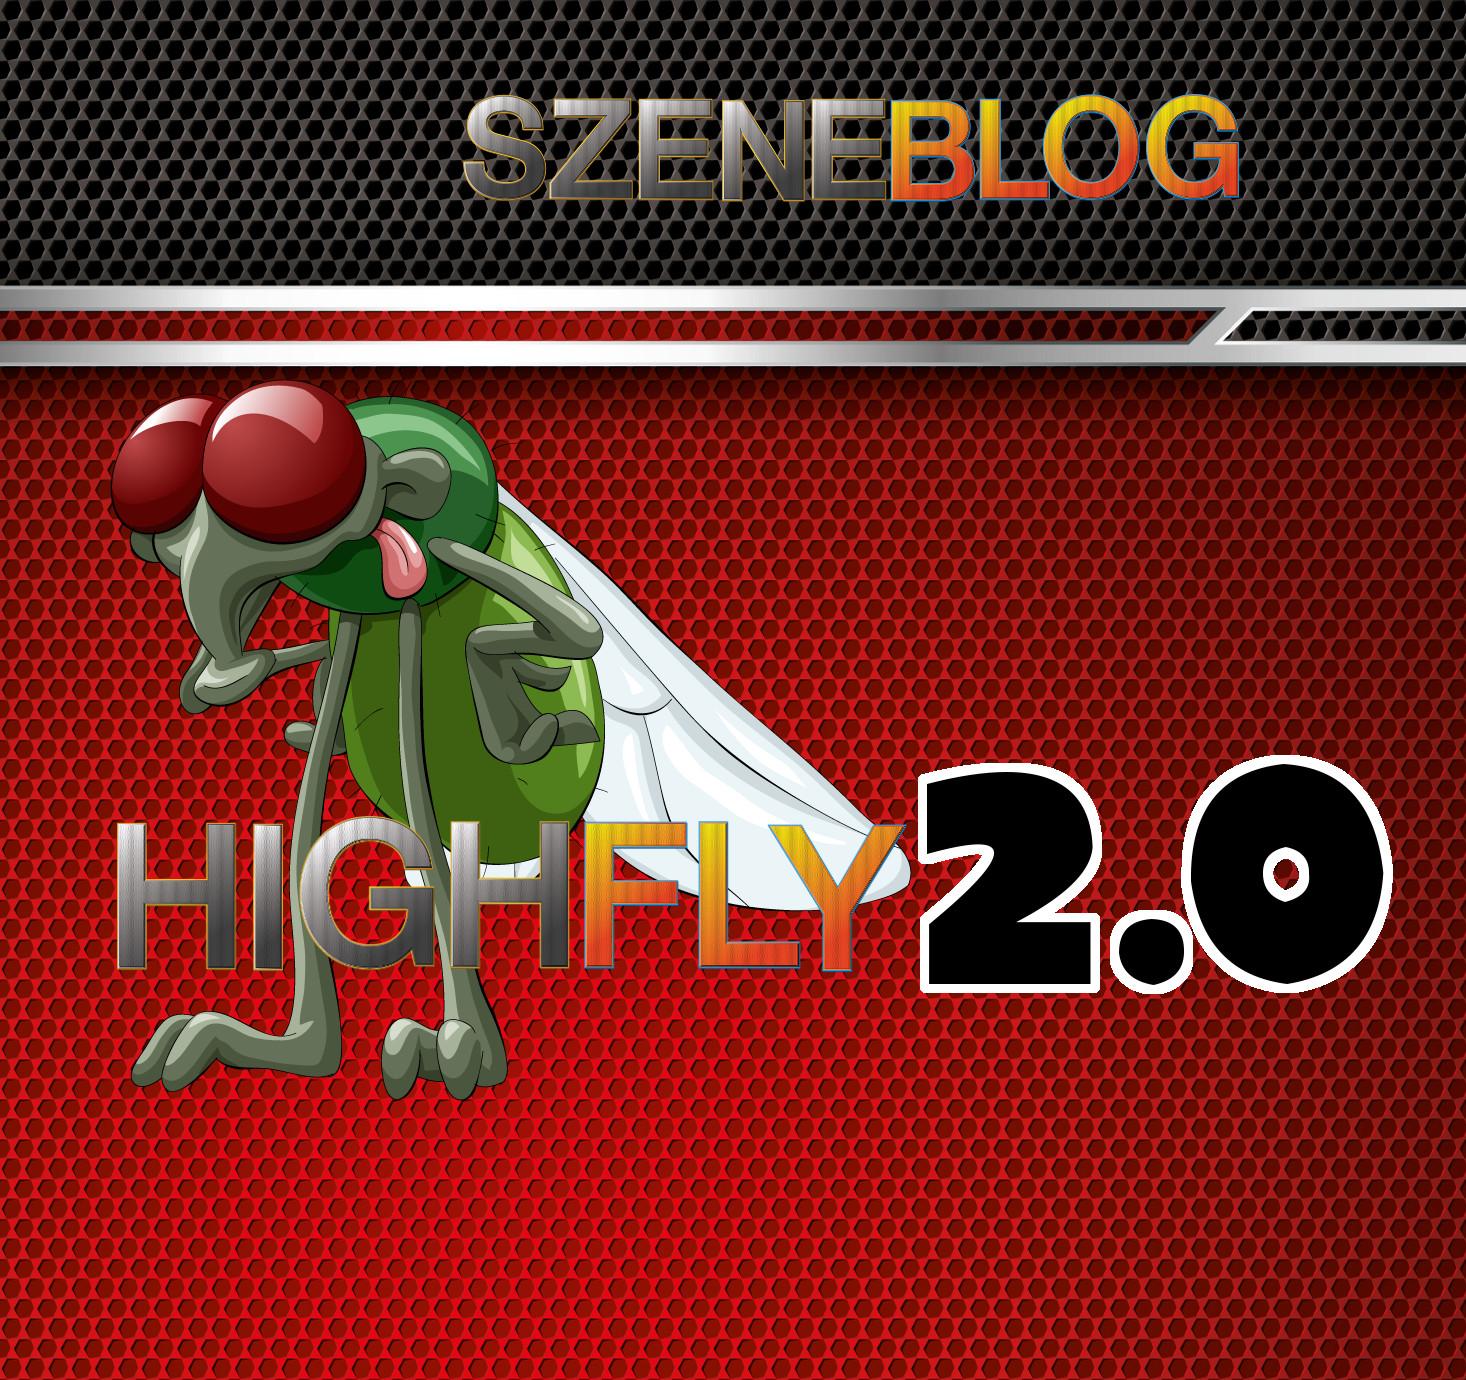 Raeuchermischungen Blog Highfly 2.0